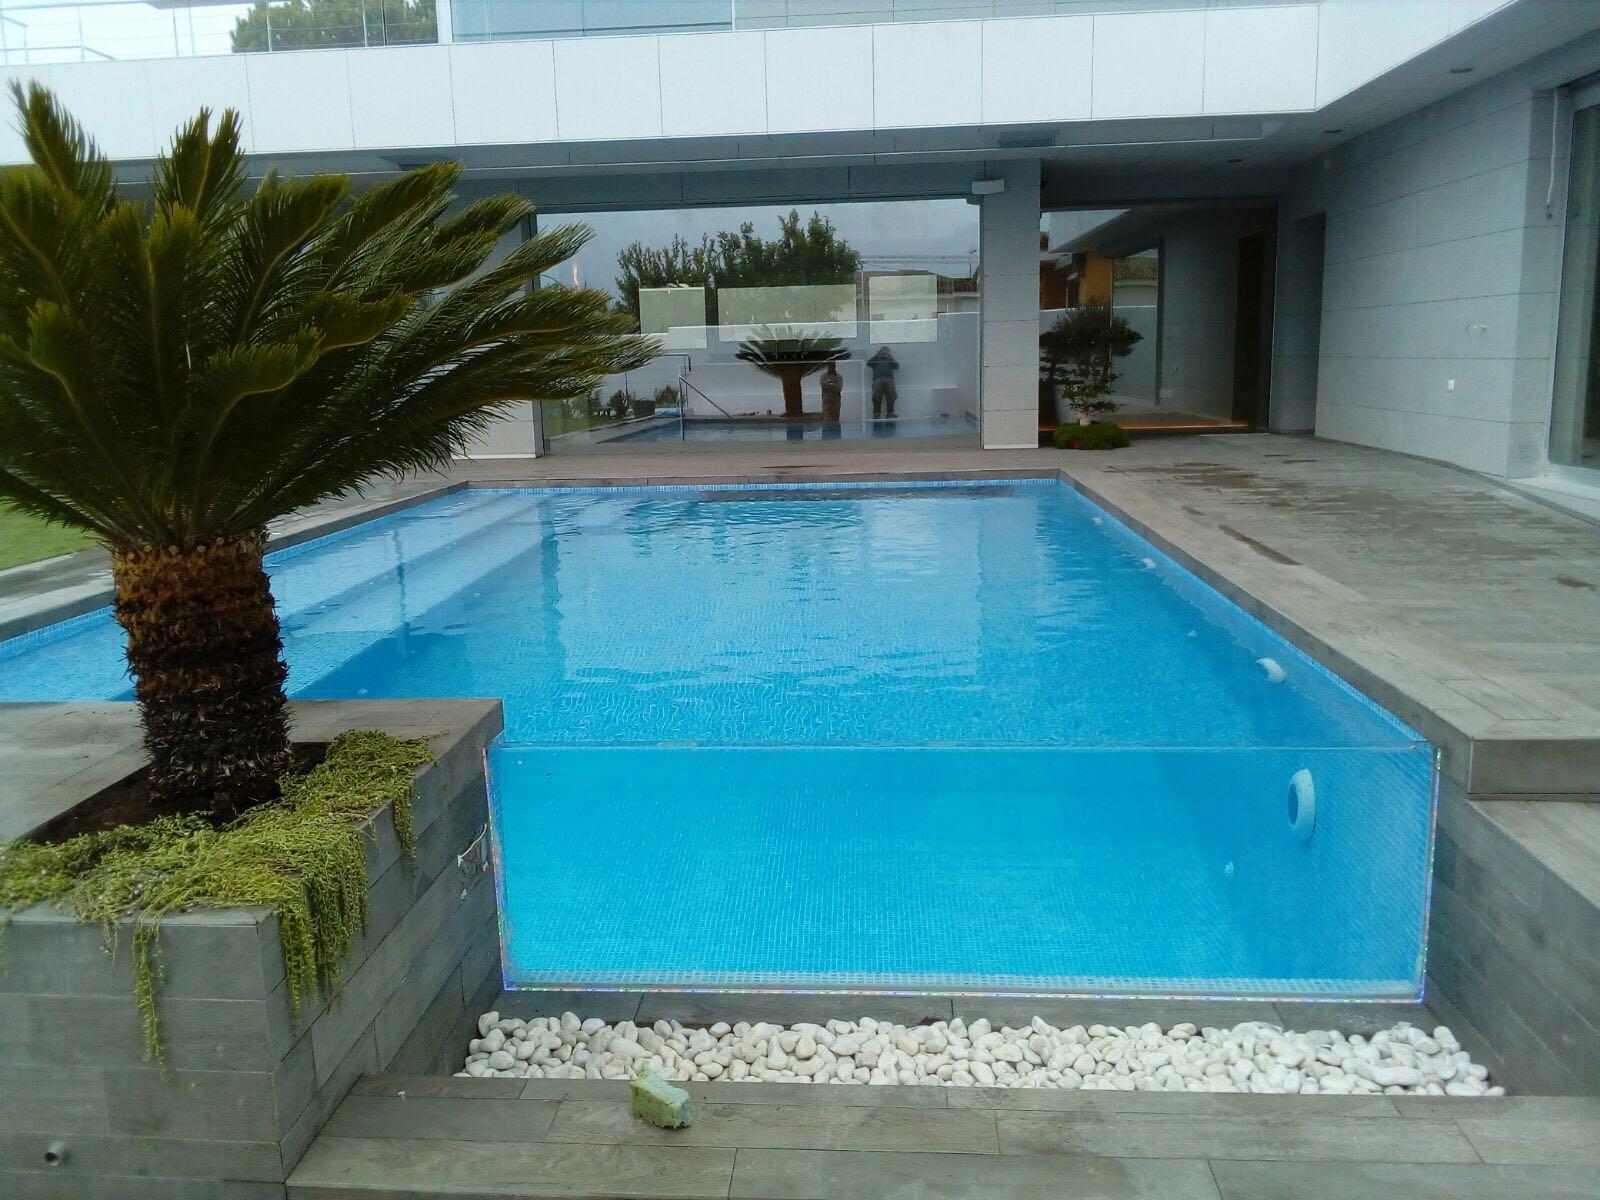 Piscina de cristal aqualar piscinas - Piscina de cristal ...